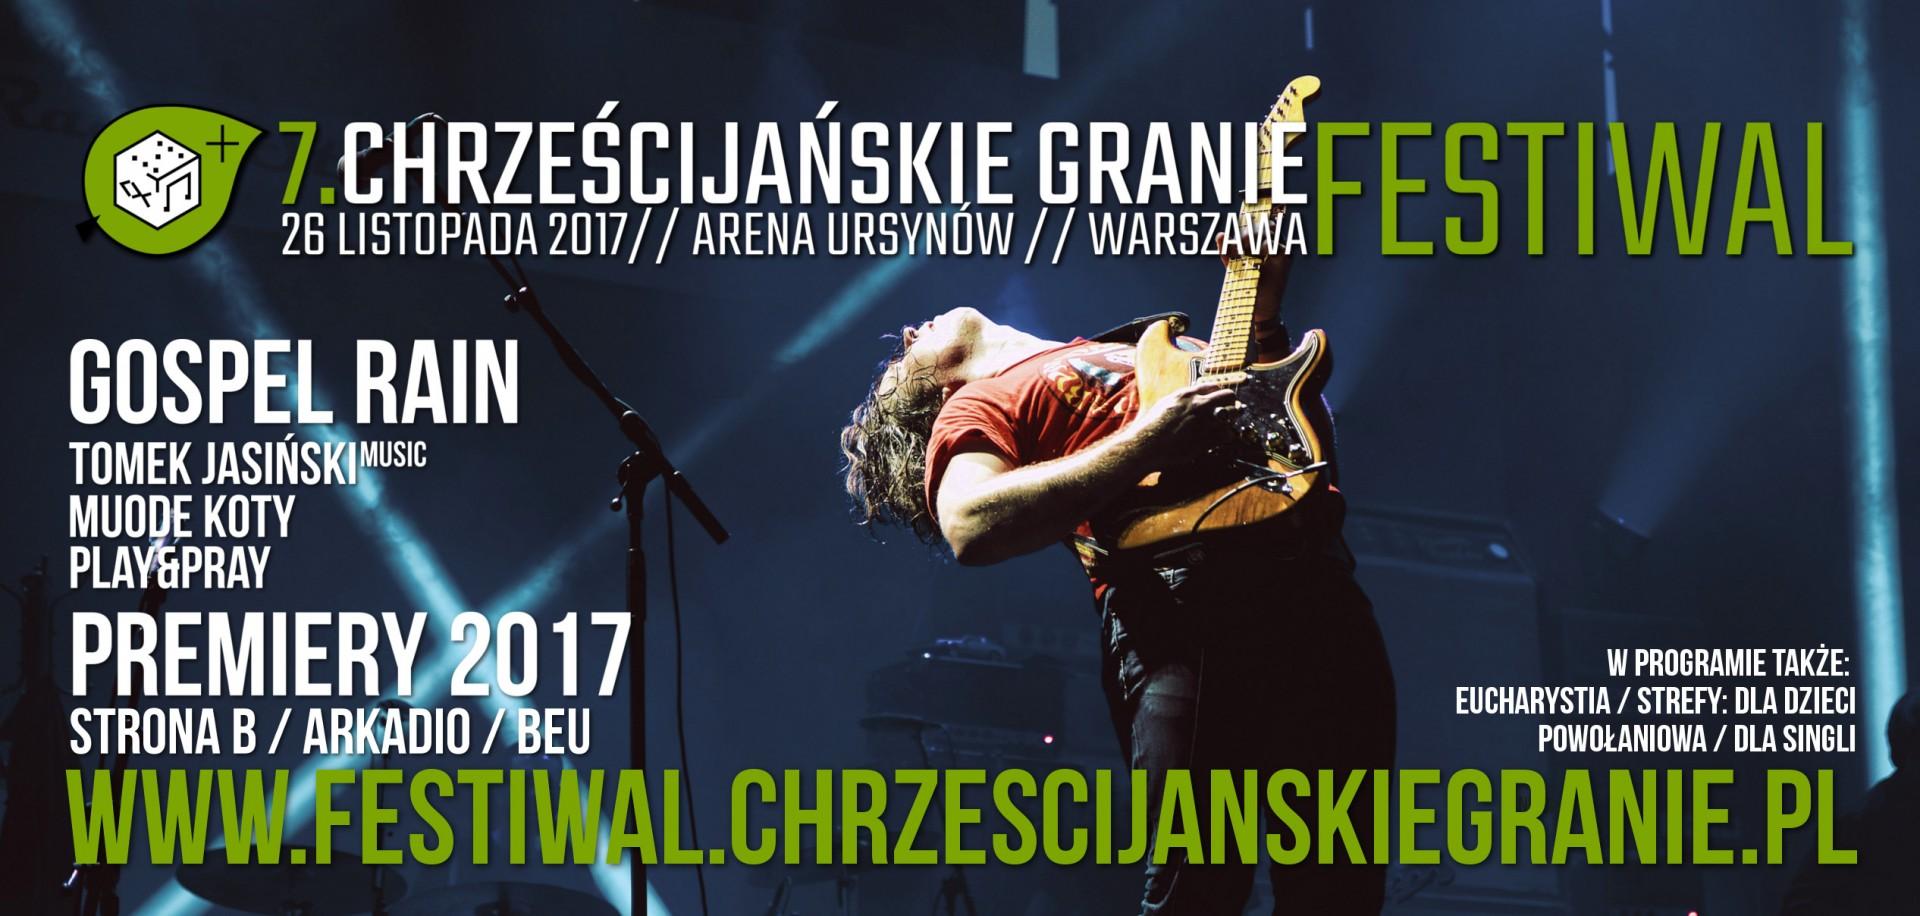 Festiwal Chrześcijańskie Granie 2017